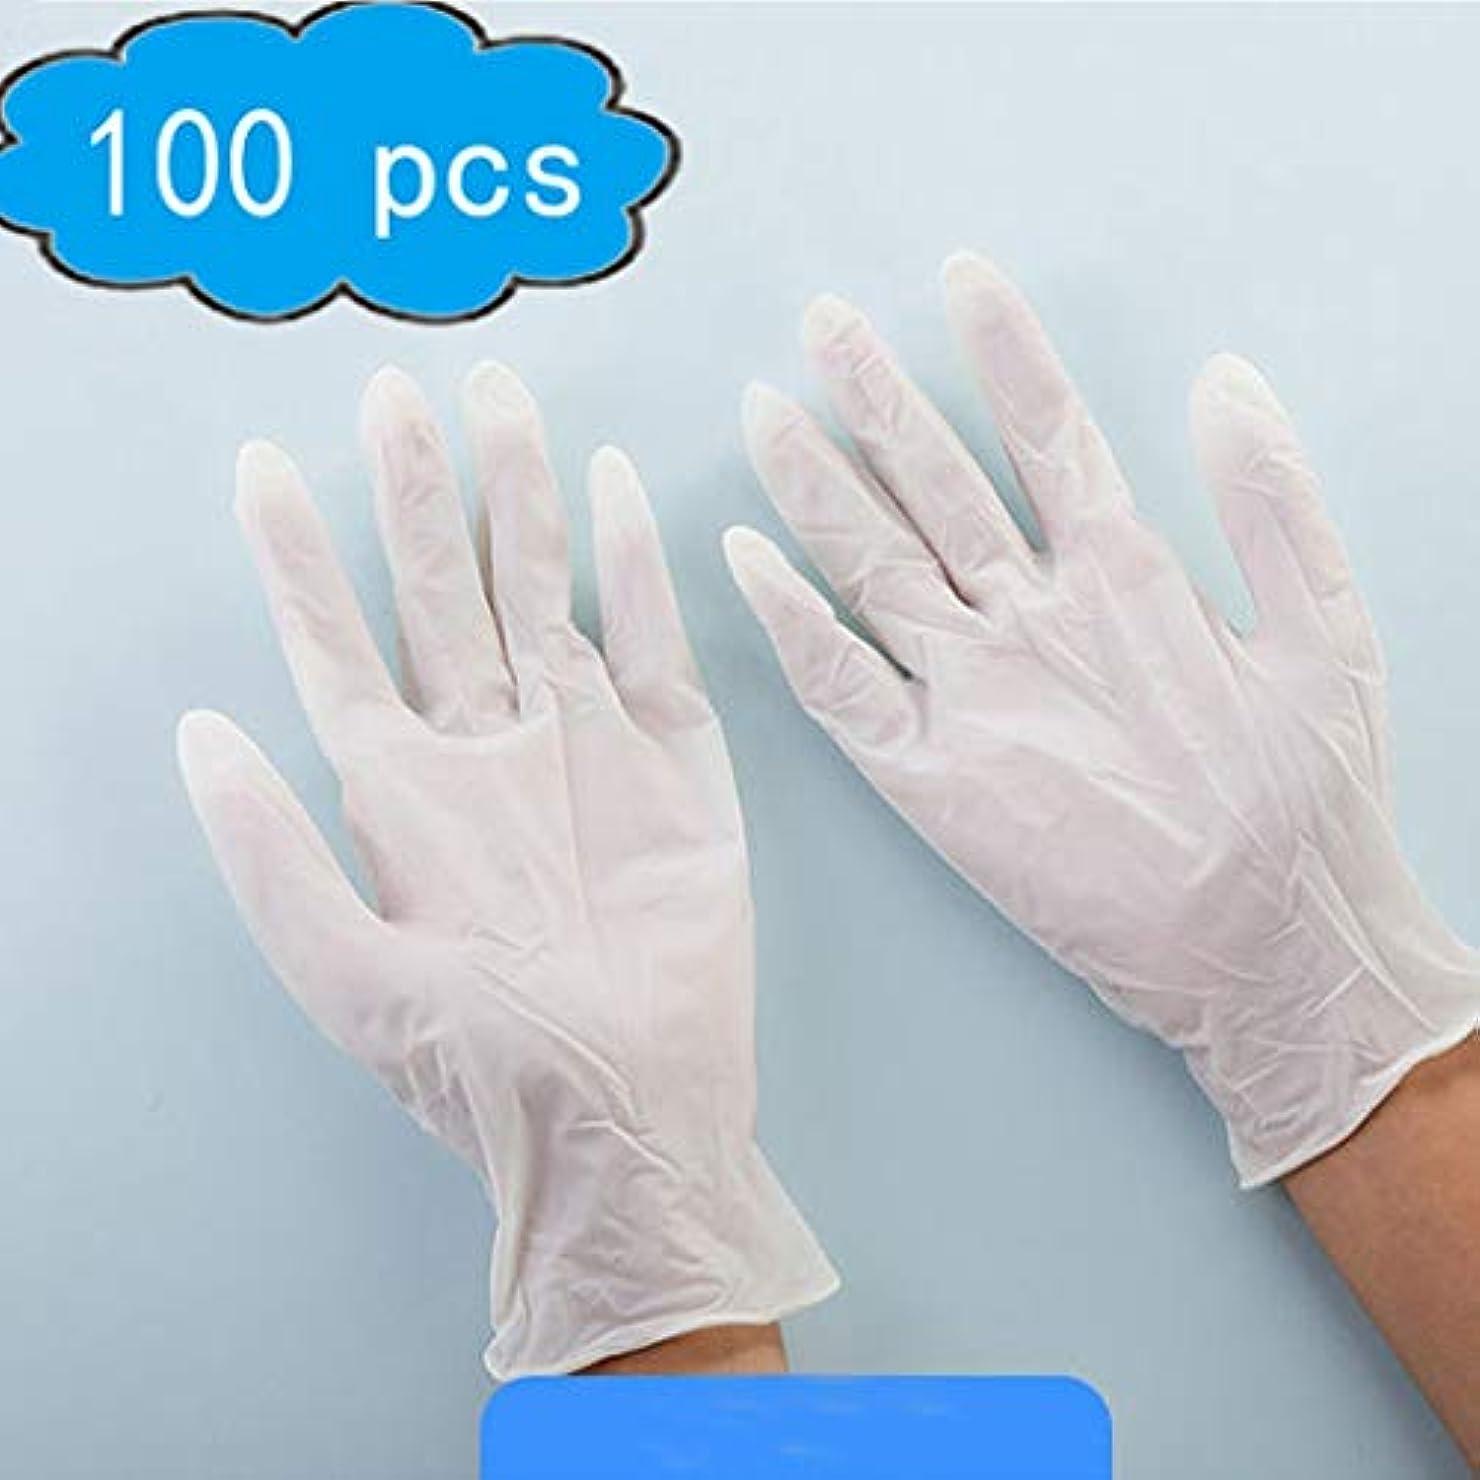 中央値十分に麻酔薬使い捨て手袋、厚手版、白い粉のない使い捨てニトリル手袋[100パック] - 大、サニタリー手袋、応急処置用品 (Color : White, Size : S)